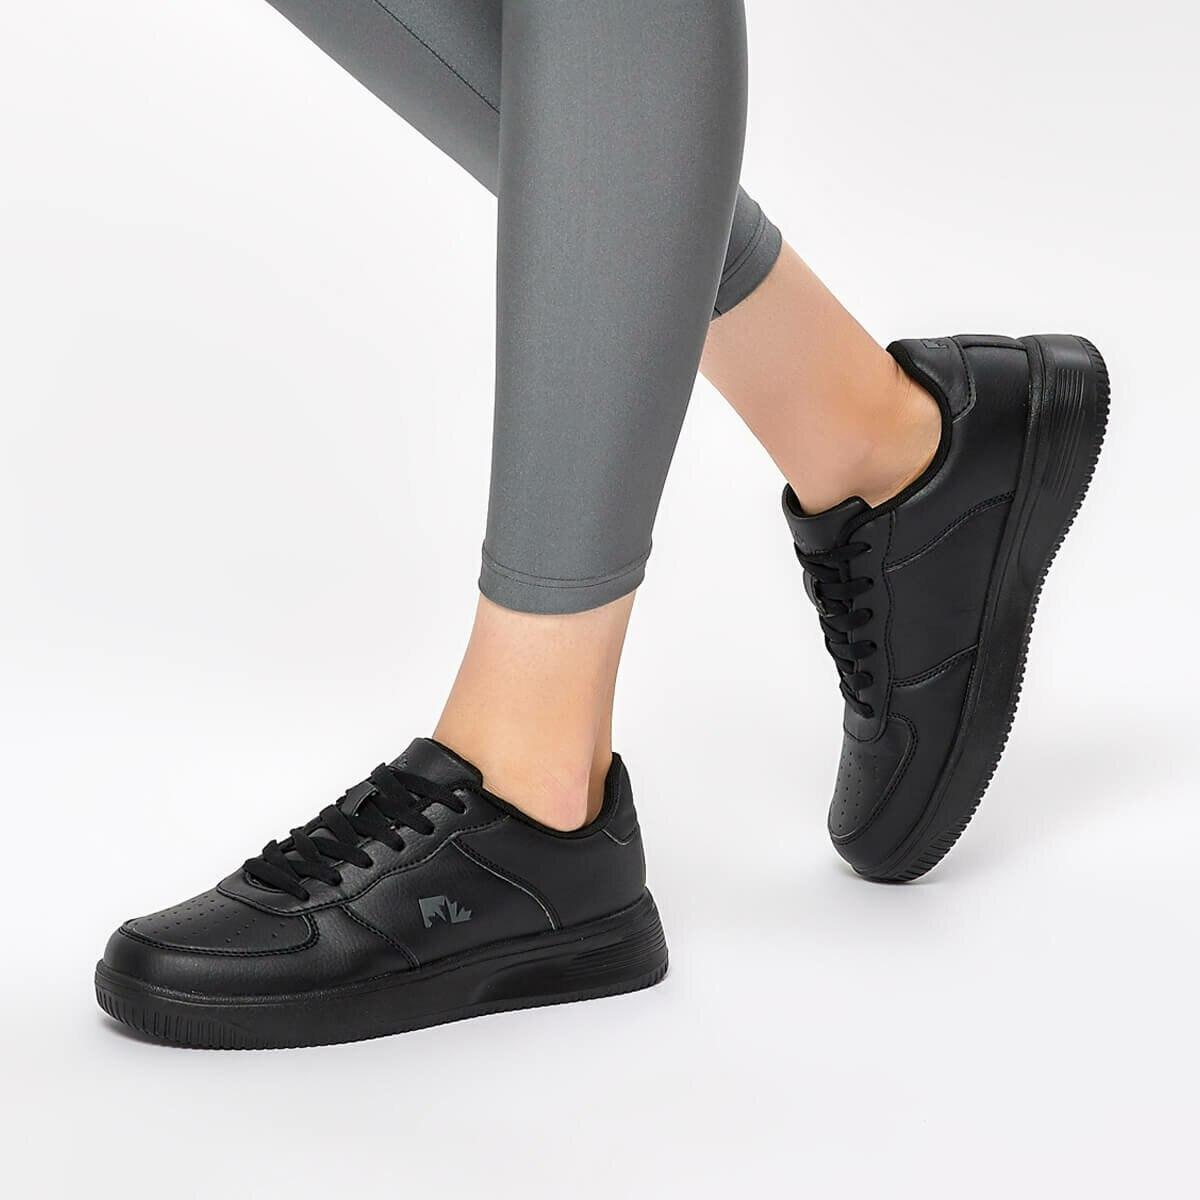 FLO FINSTER WMN Black Women 'S Sneaker Shoes LUMBERJACK